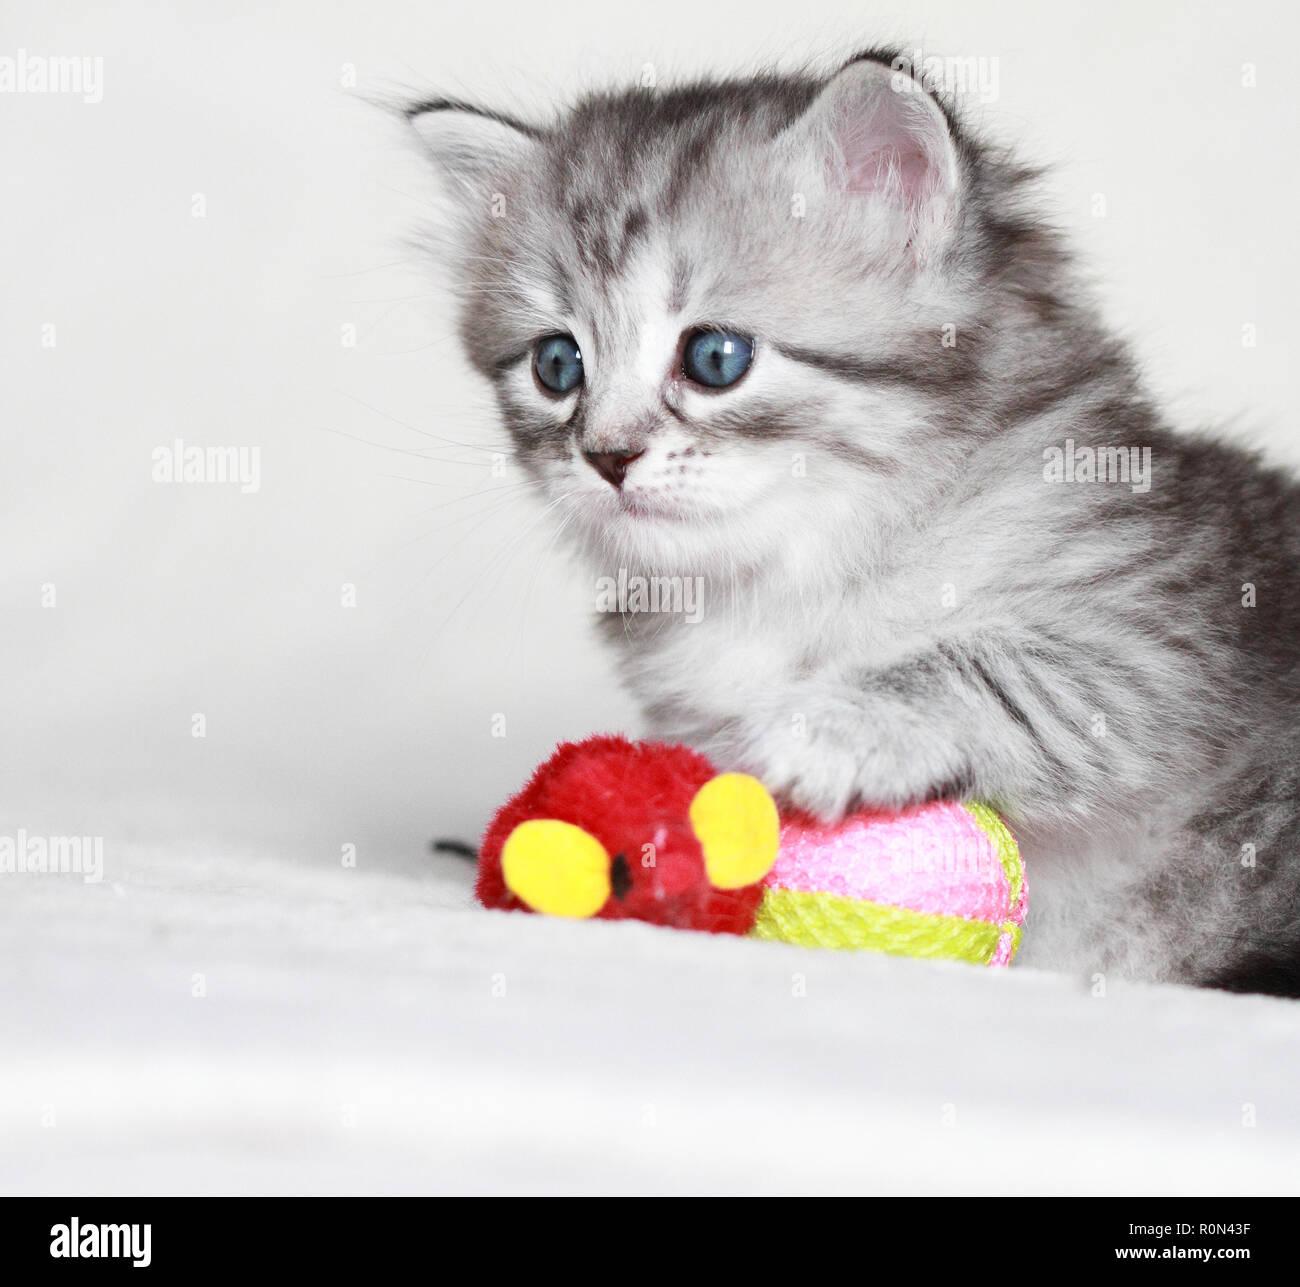 Adorabile cucciolo gatto giocando nel periodo invernale Immagini Stock